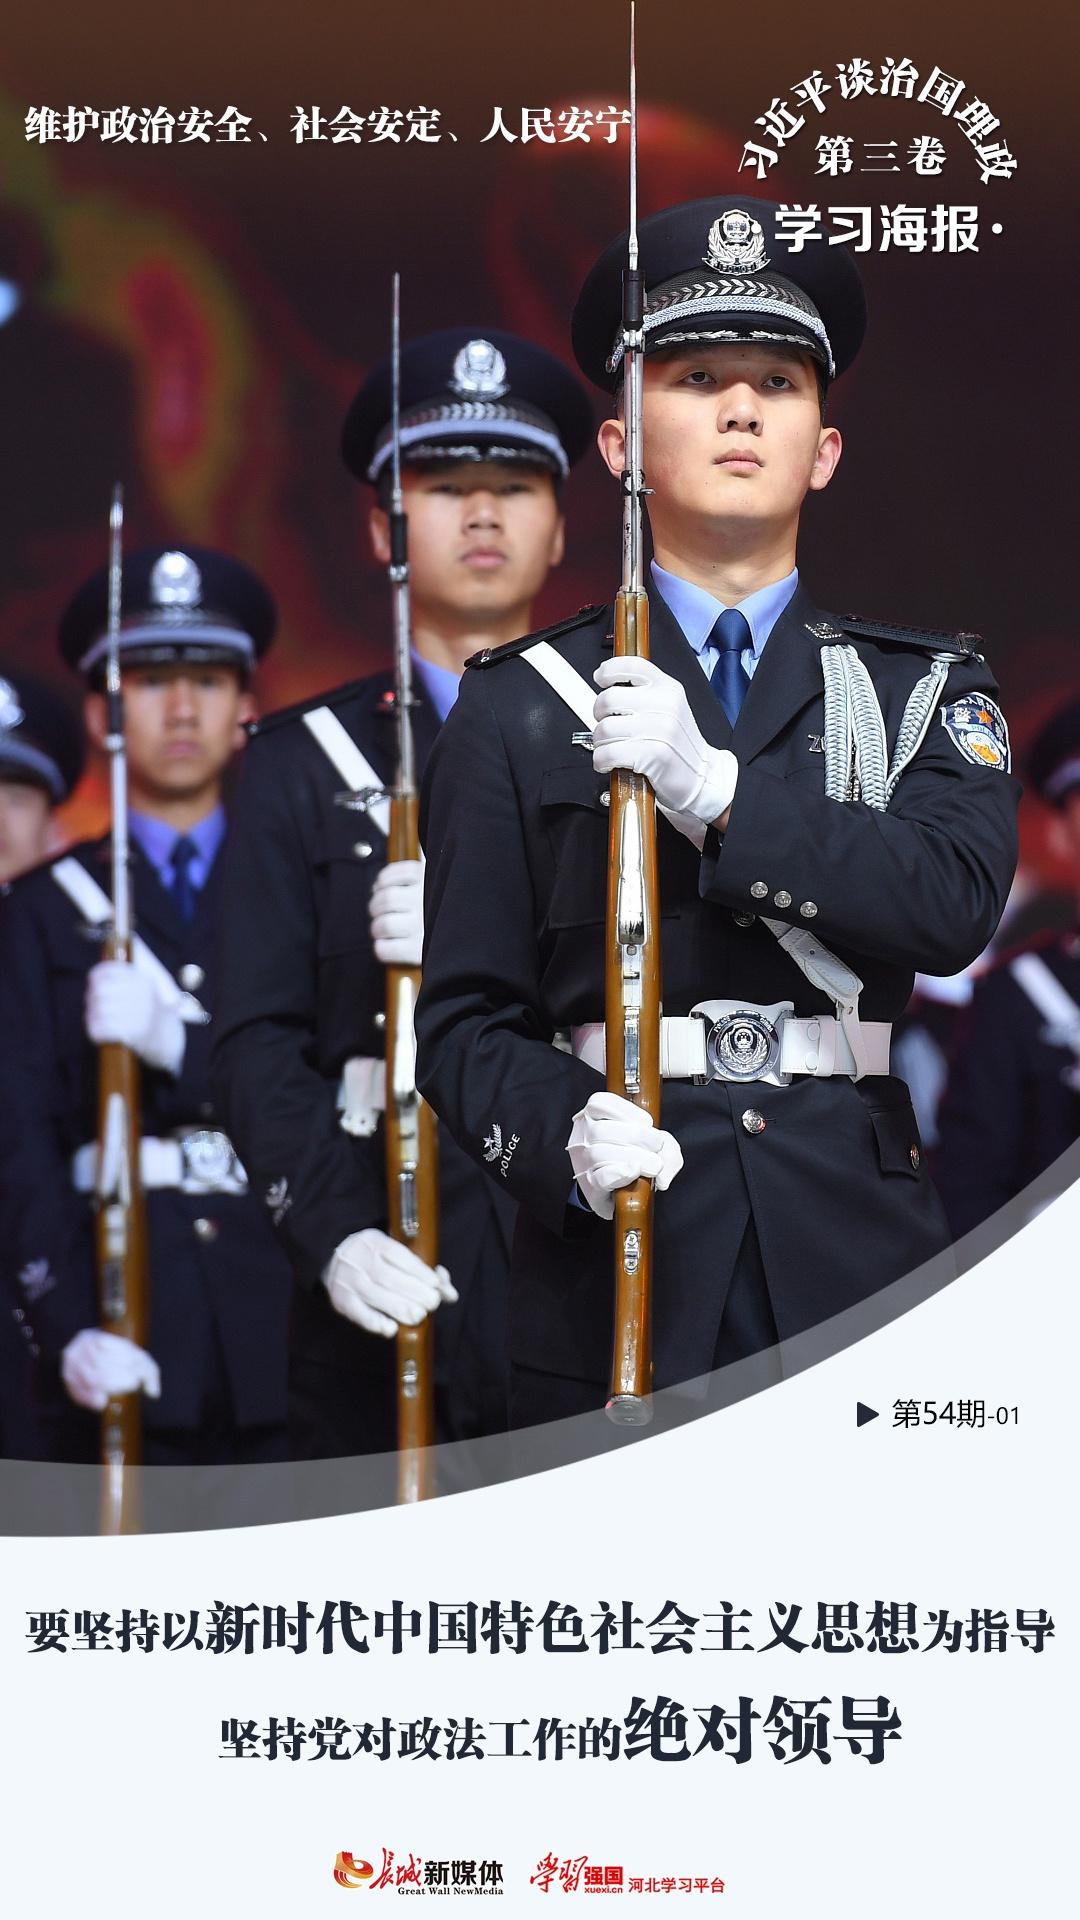 学习海报(54)丨维护政治安全、社会安定、人民安宁